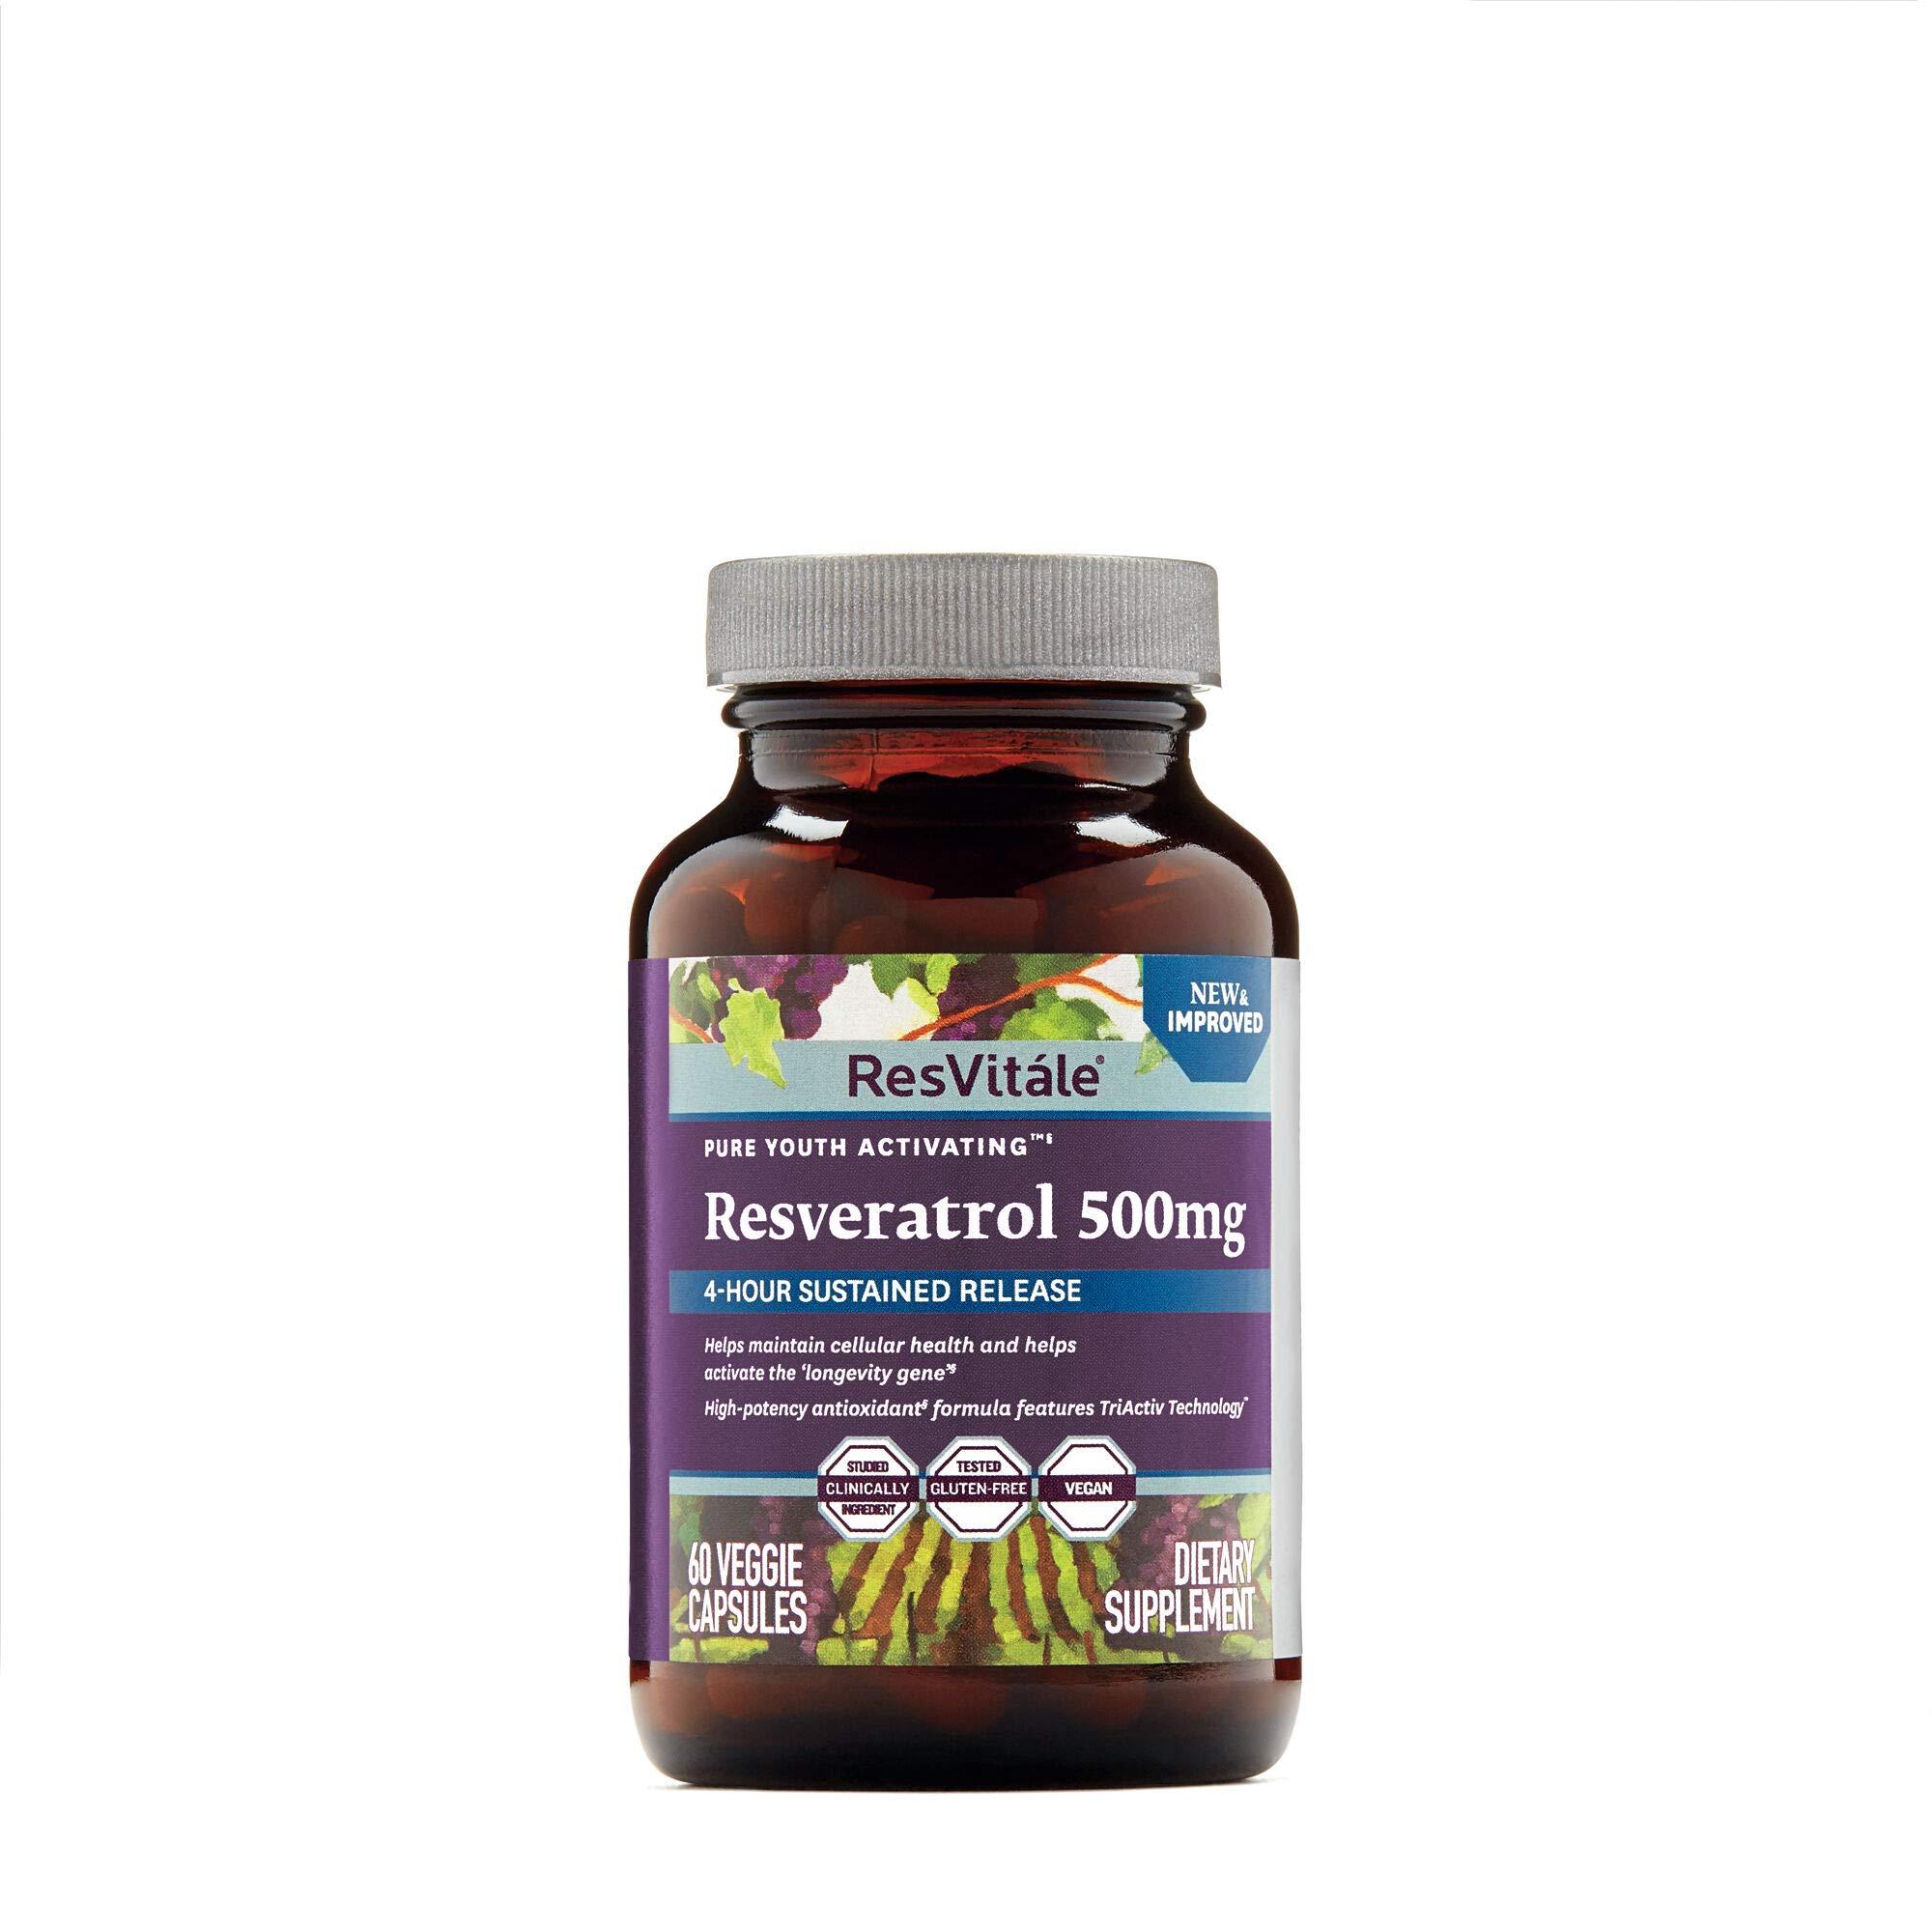 ResVitle Resveratrol 500mg by ResVitáleTM